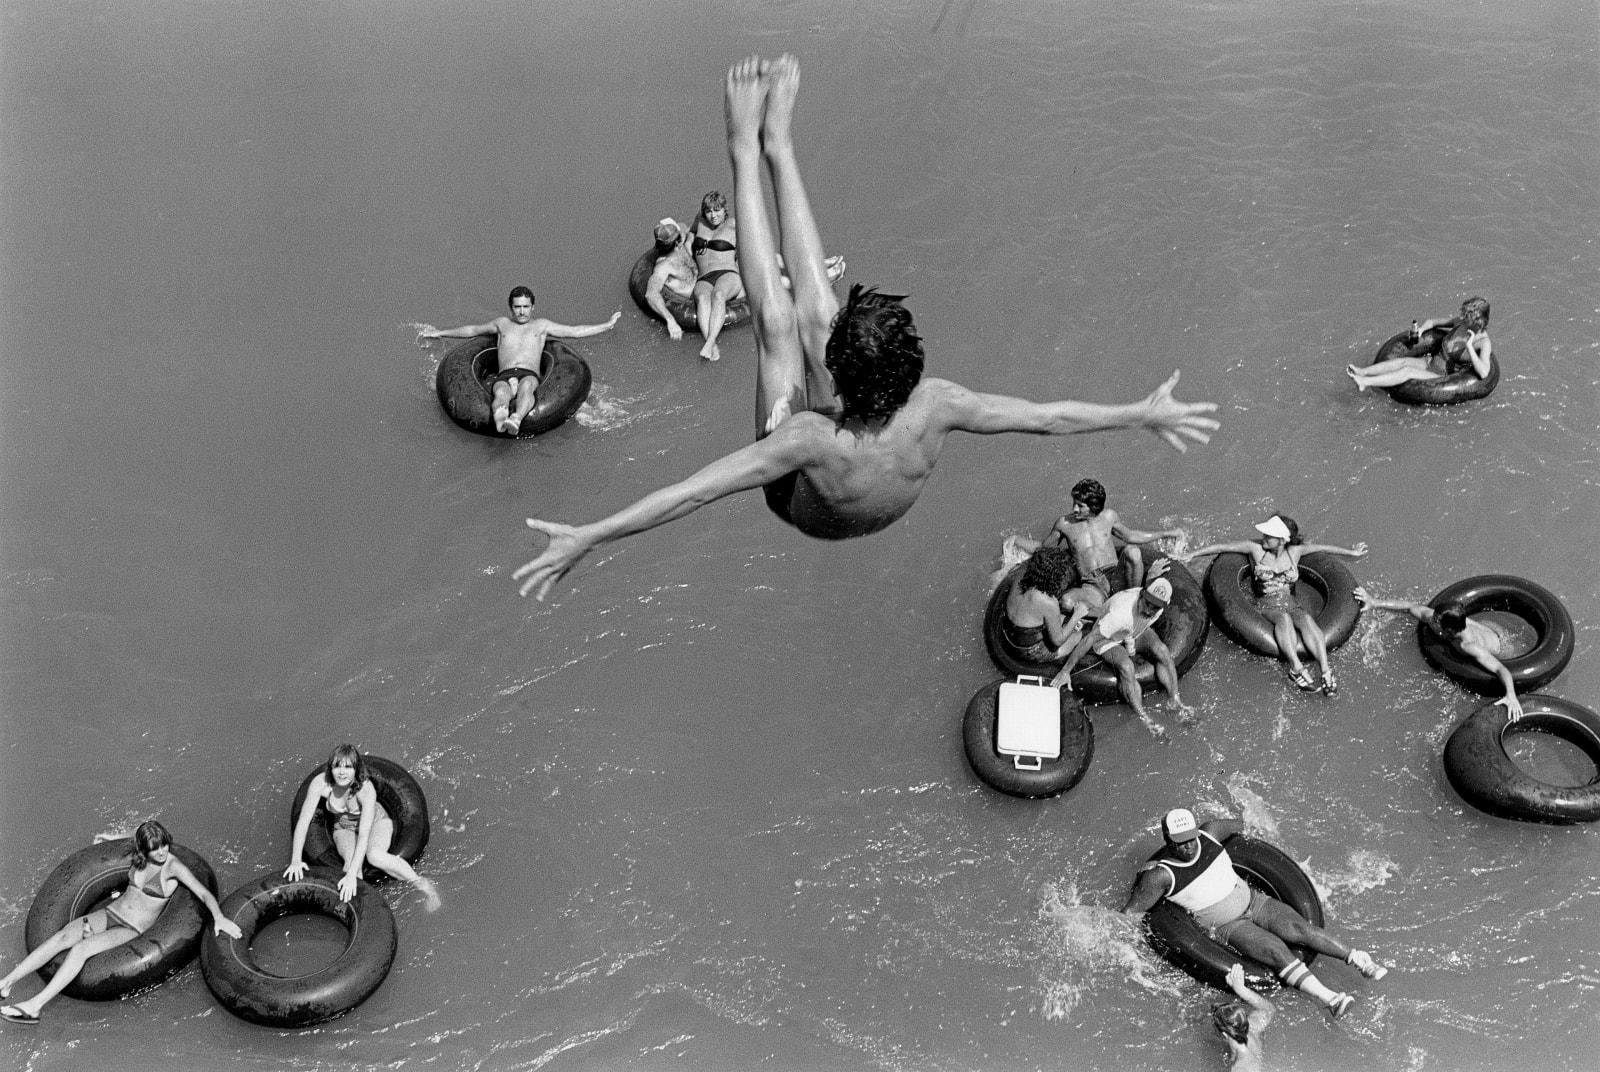 David Hurn - Tubing on the Salt River, USA, 1980